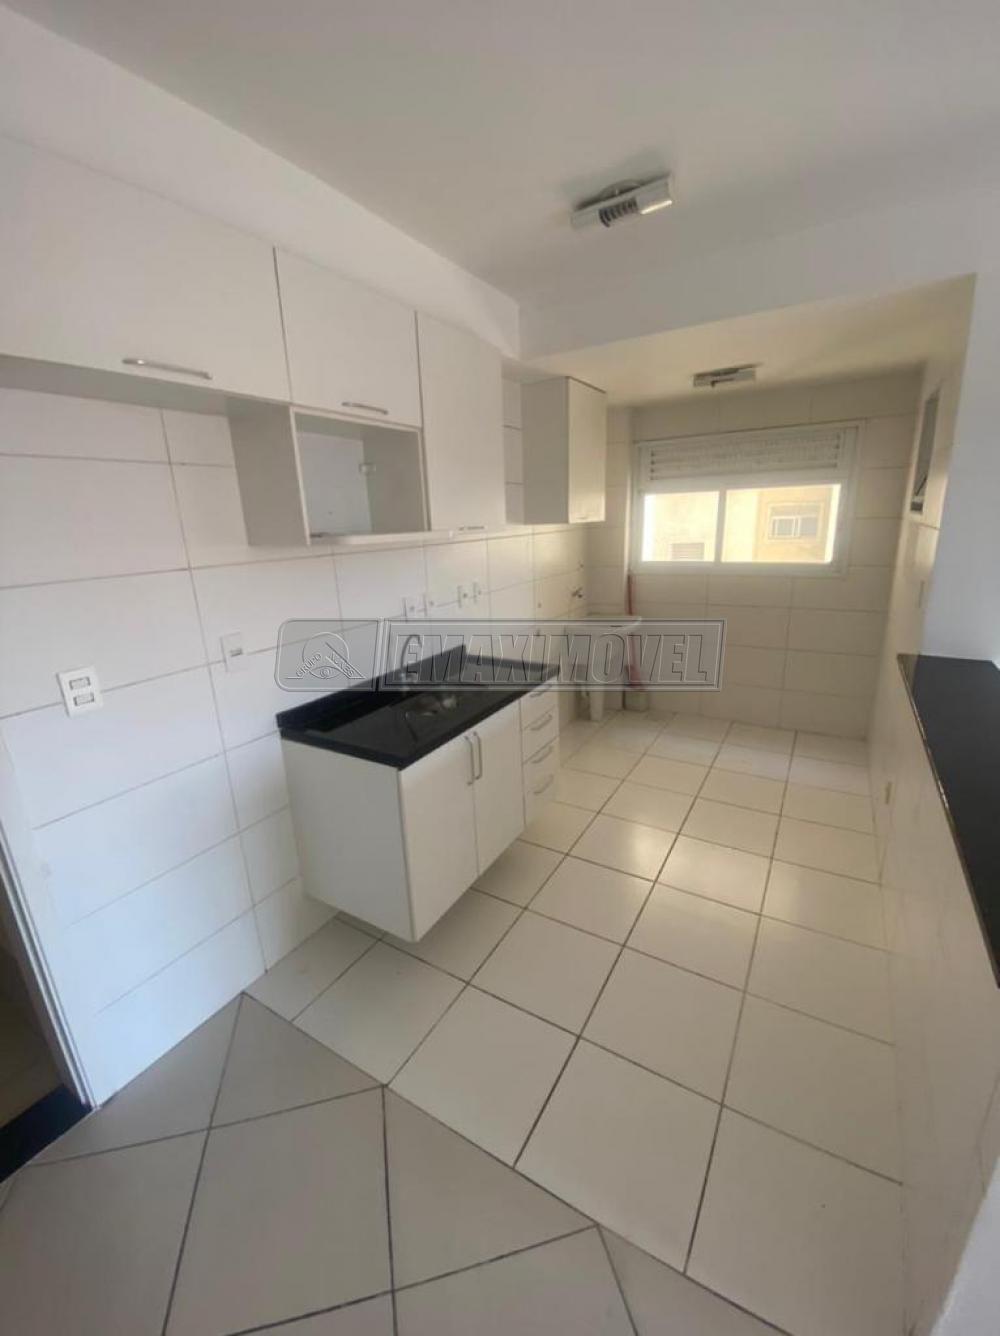 Alugar Casa / em Condomínios em Votorantim R$ 1.200,00 - Foto 11